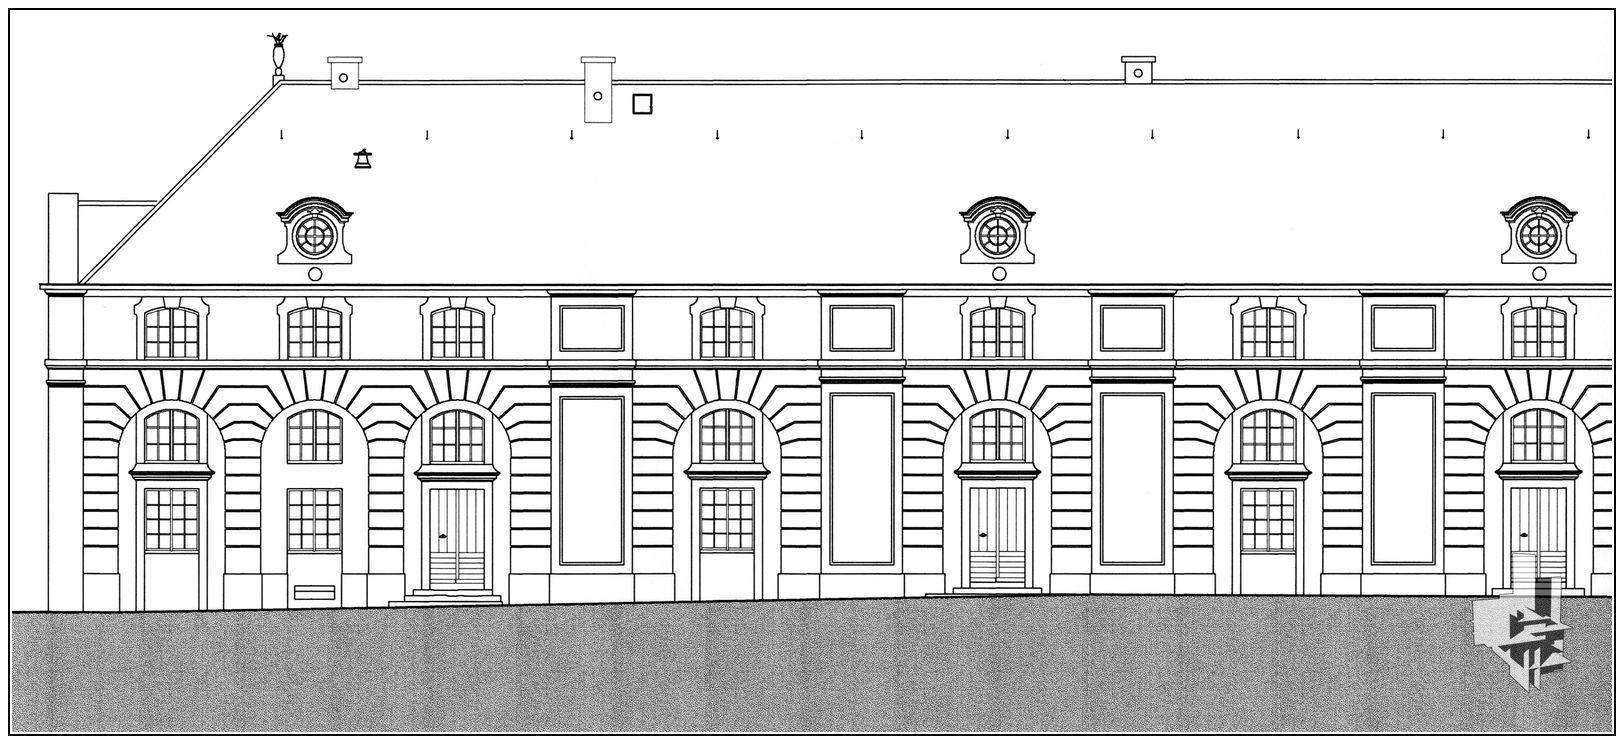 Gecele_architecture_4